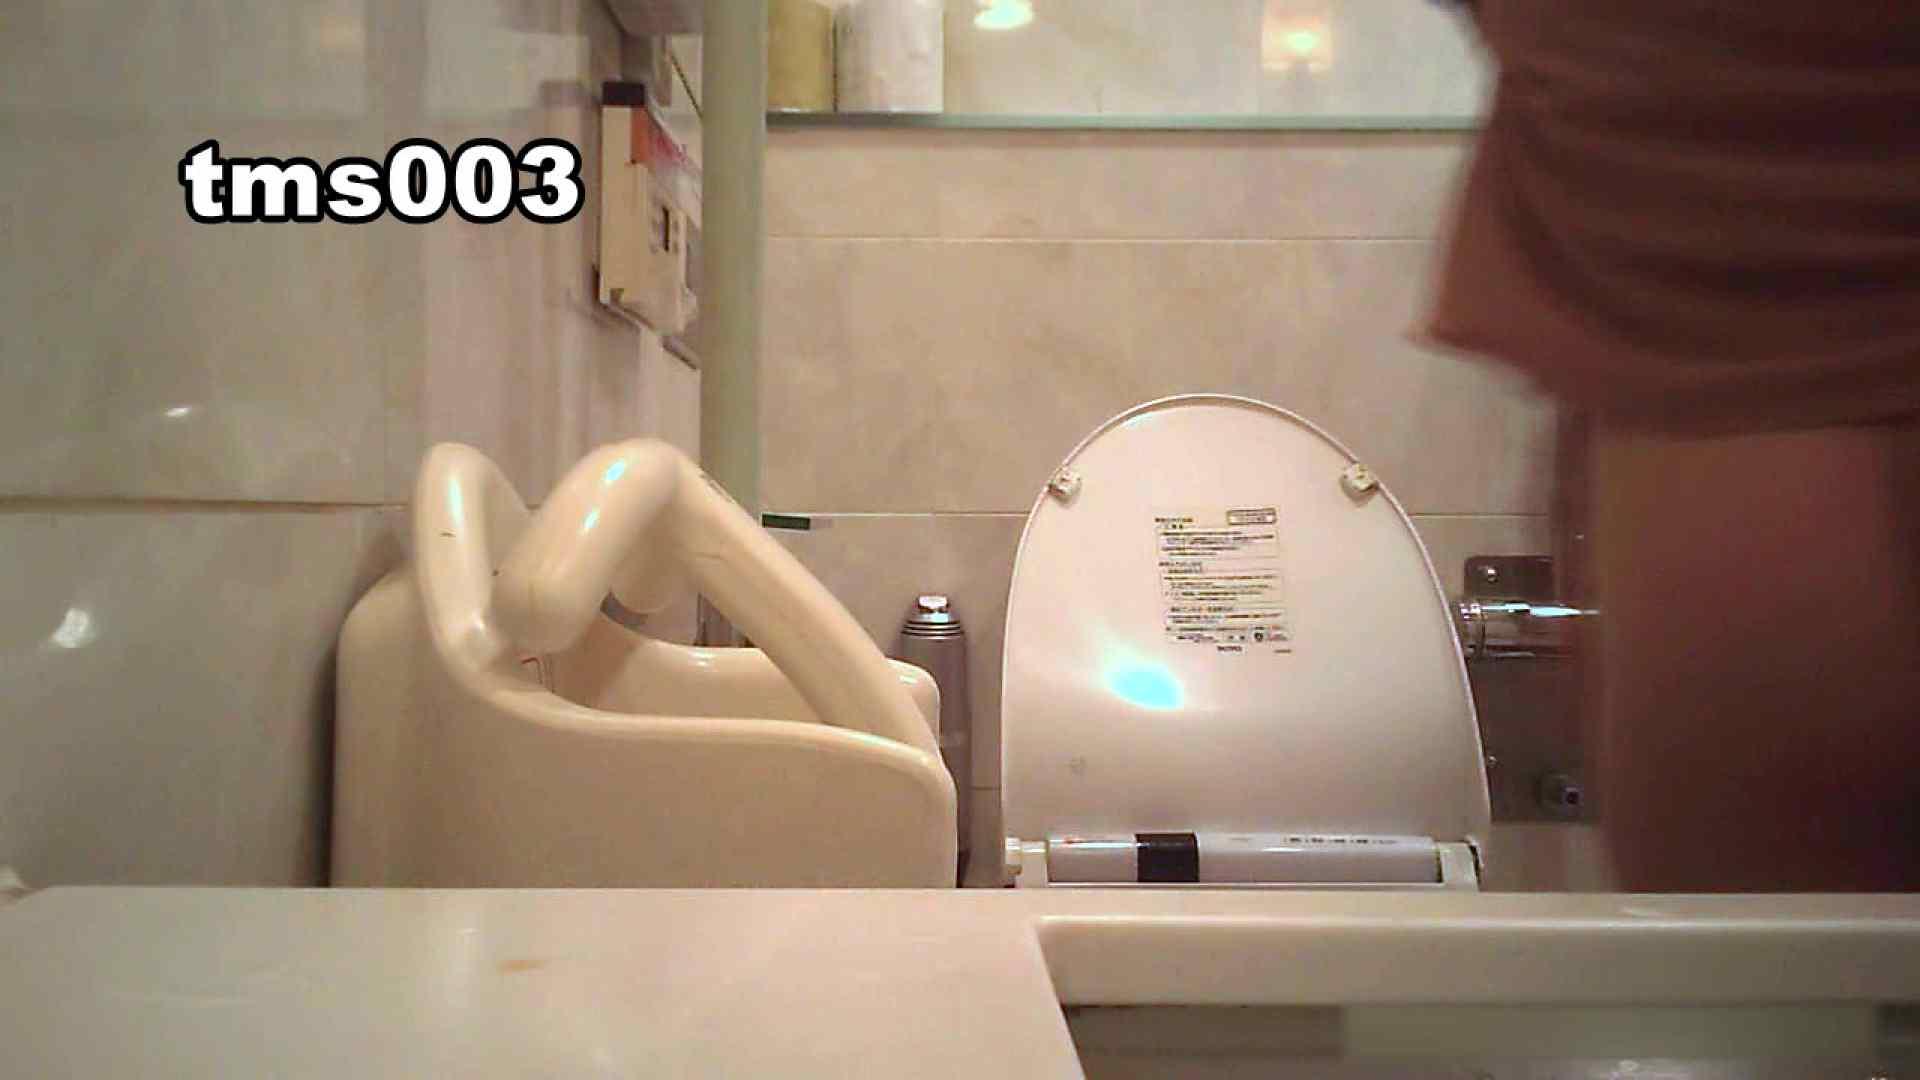 トイメンの割れ目 vol.003 OLハメ撮り  27Pix 26